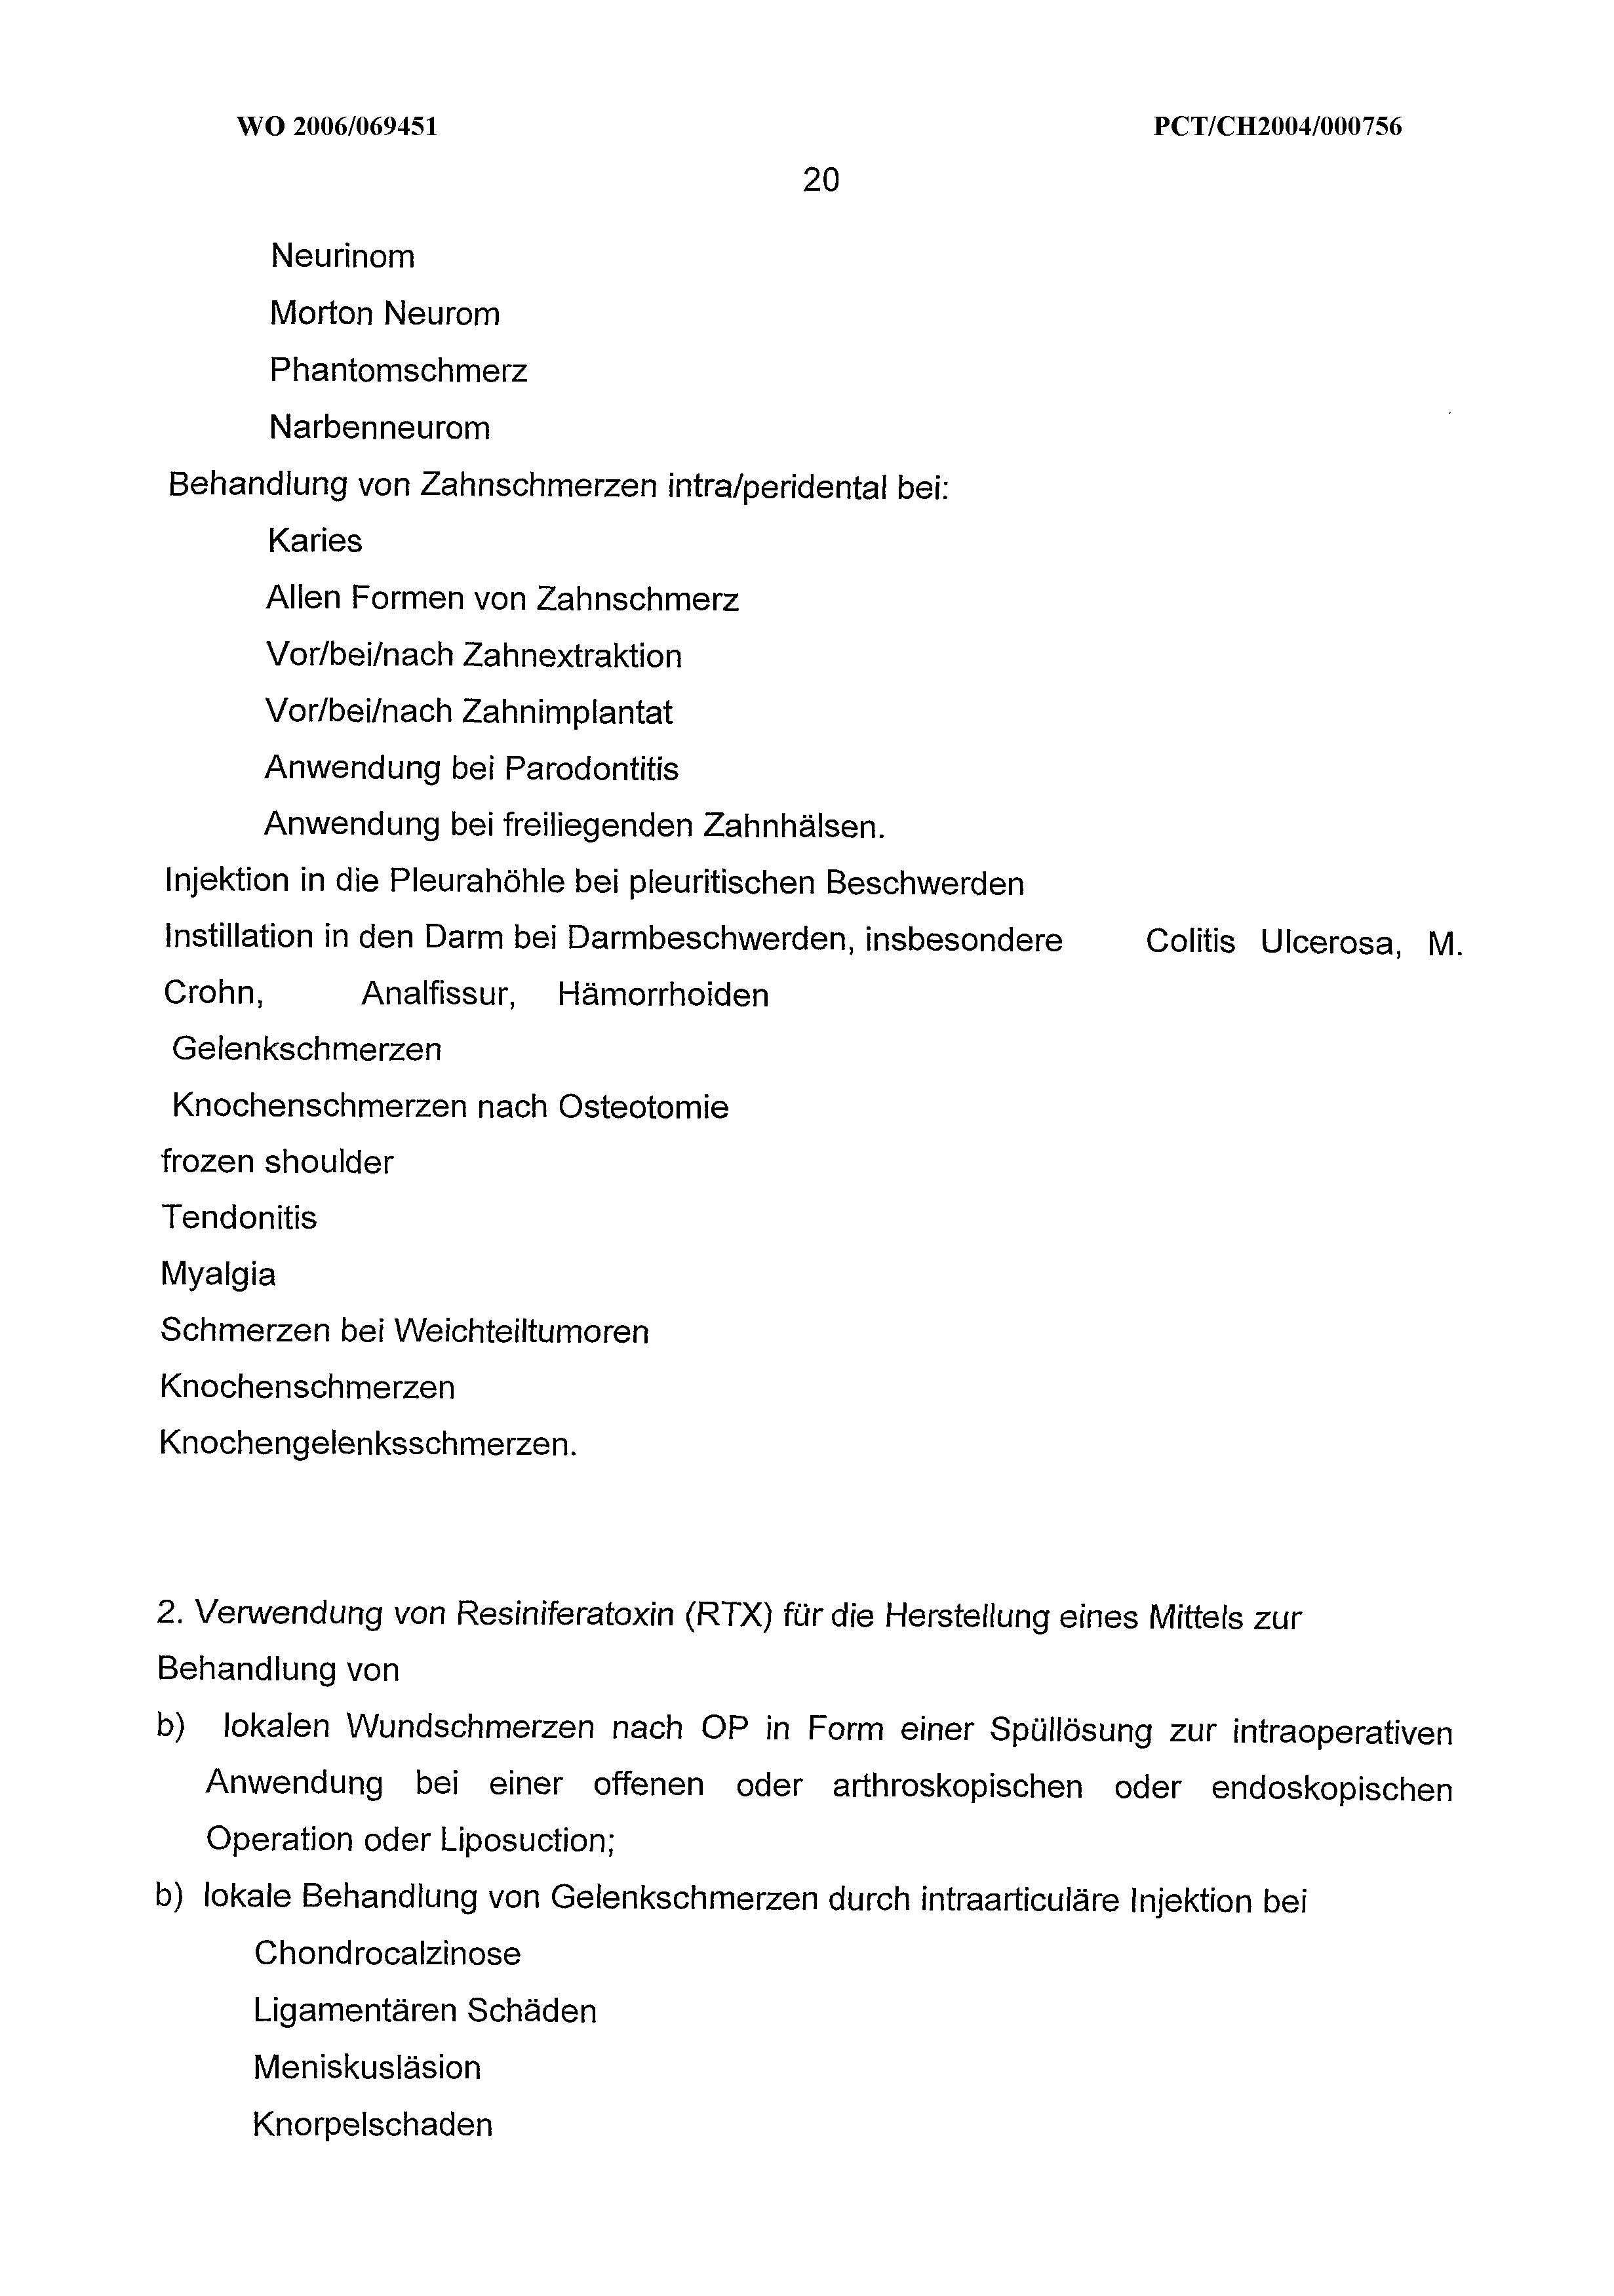 Niedlich Pleurahöhle Anatomie Bilder - Anatomie Von Menschlichen ...